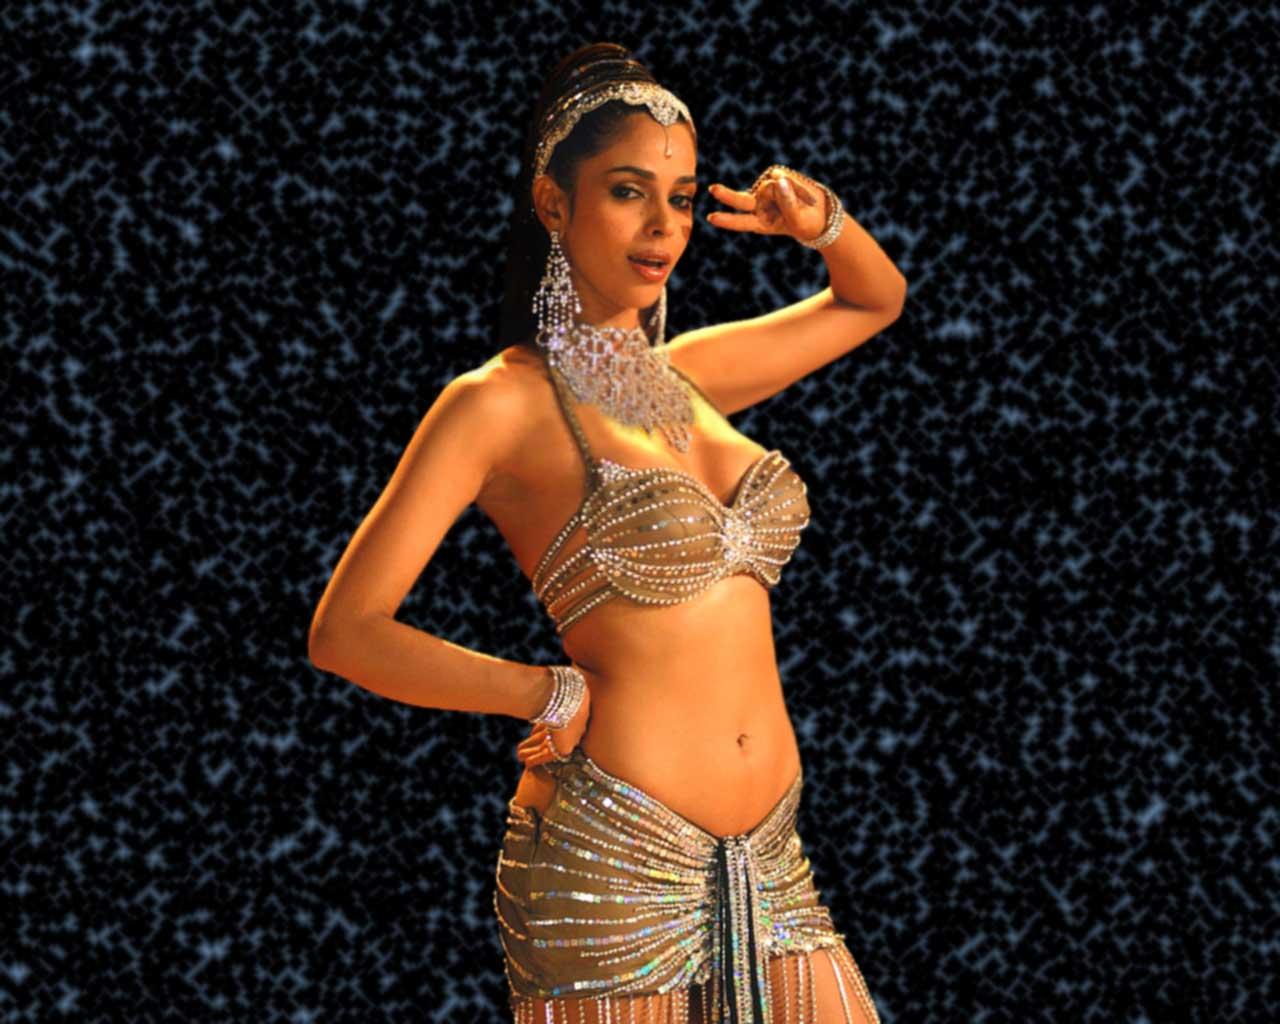 Hot sexy mallika sherawat